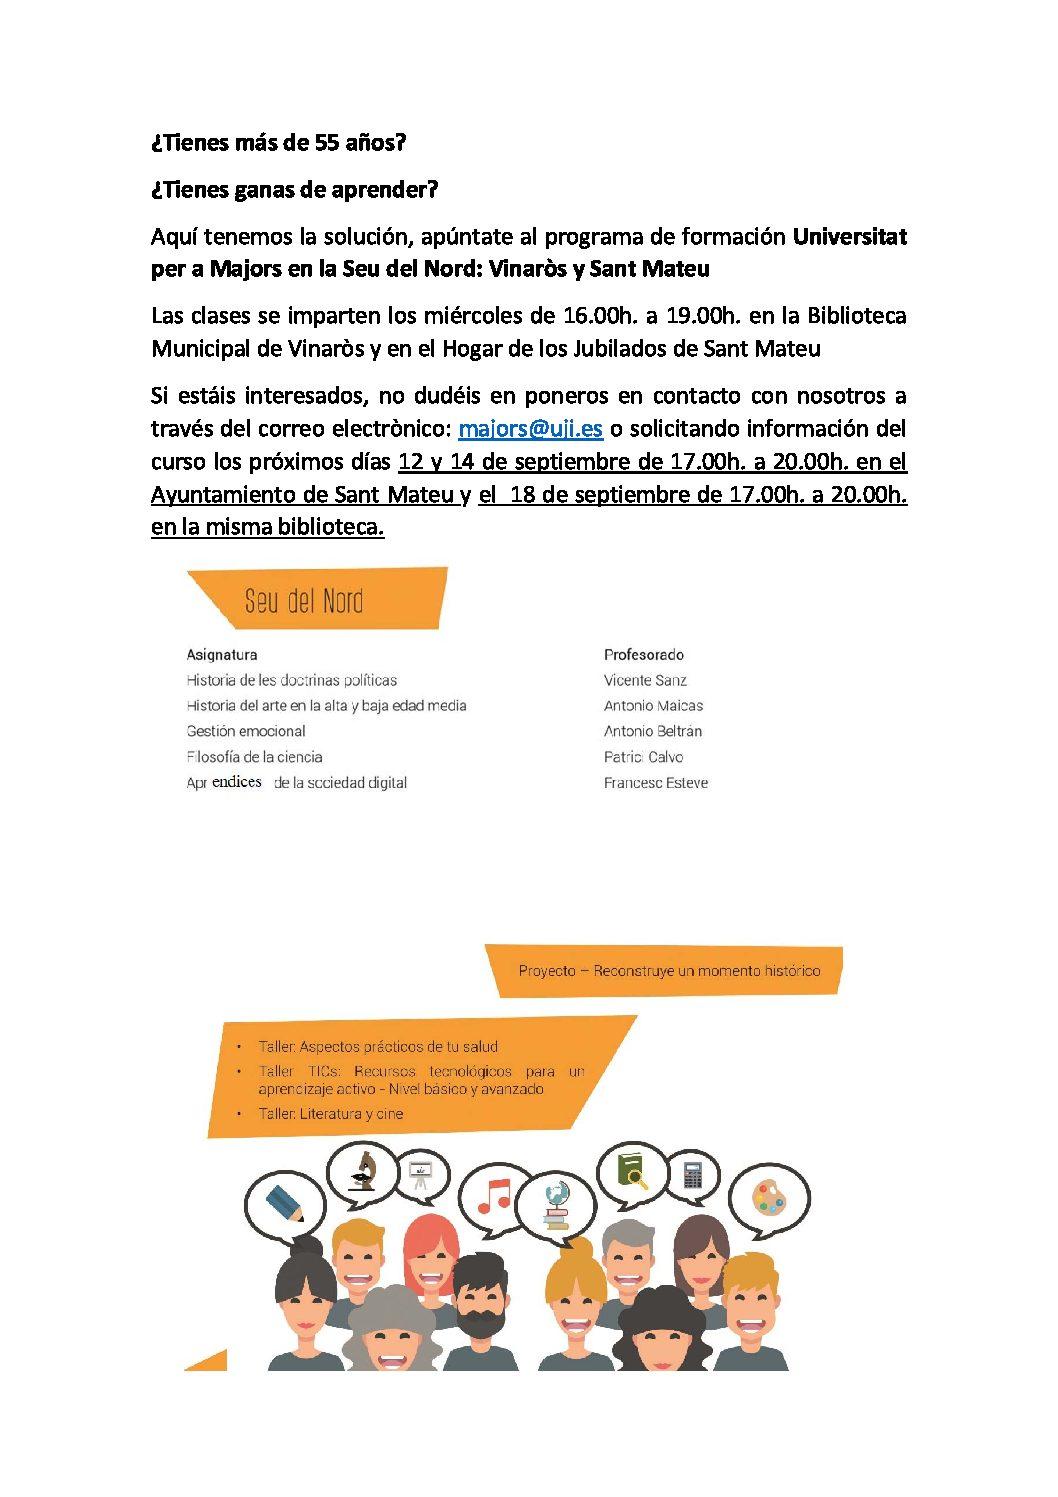 La UJI oferirà els curs d'Humanitats i Socials a les seus de Vinaròs i Sant Mateu